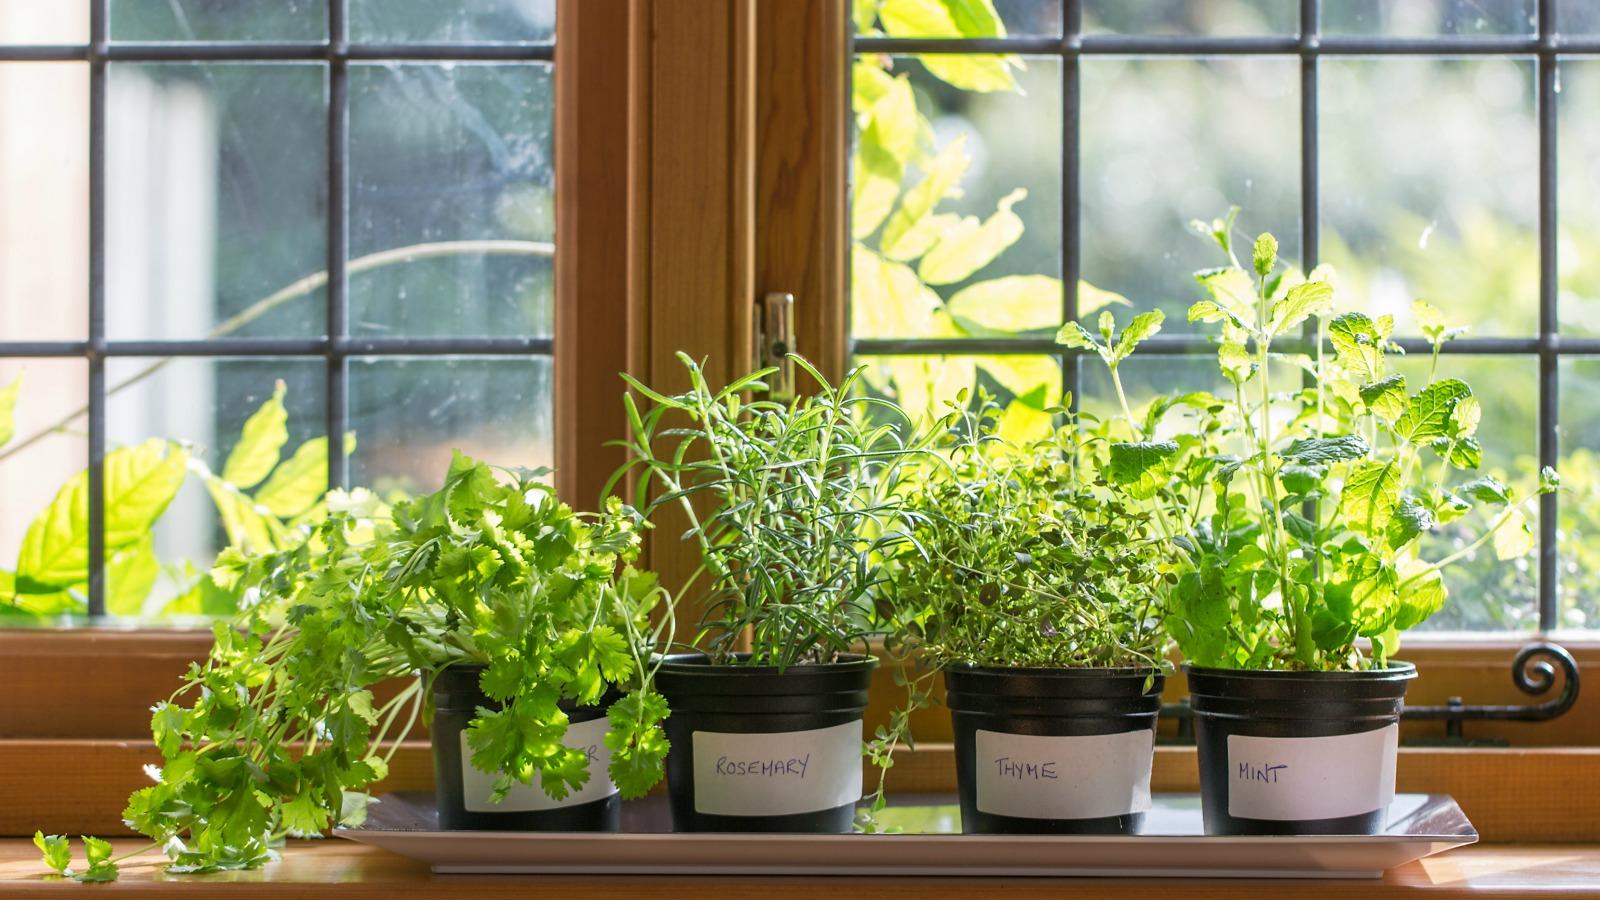 روش هایی برای تمیز کردن گیاهان